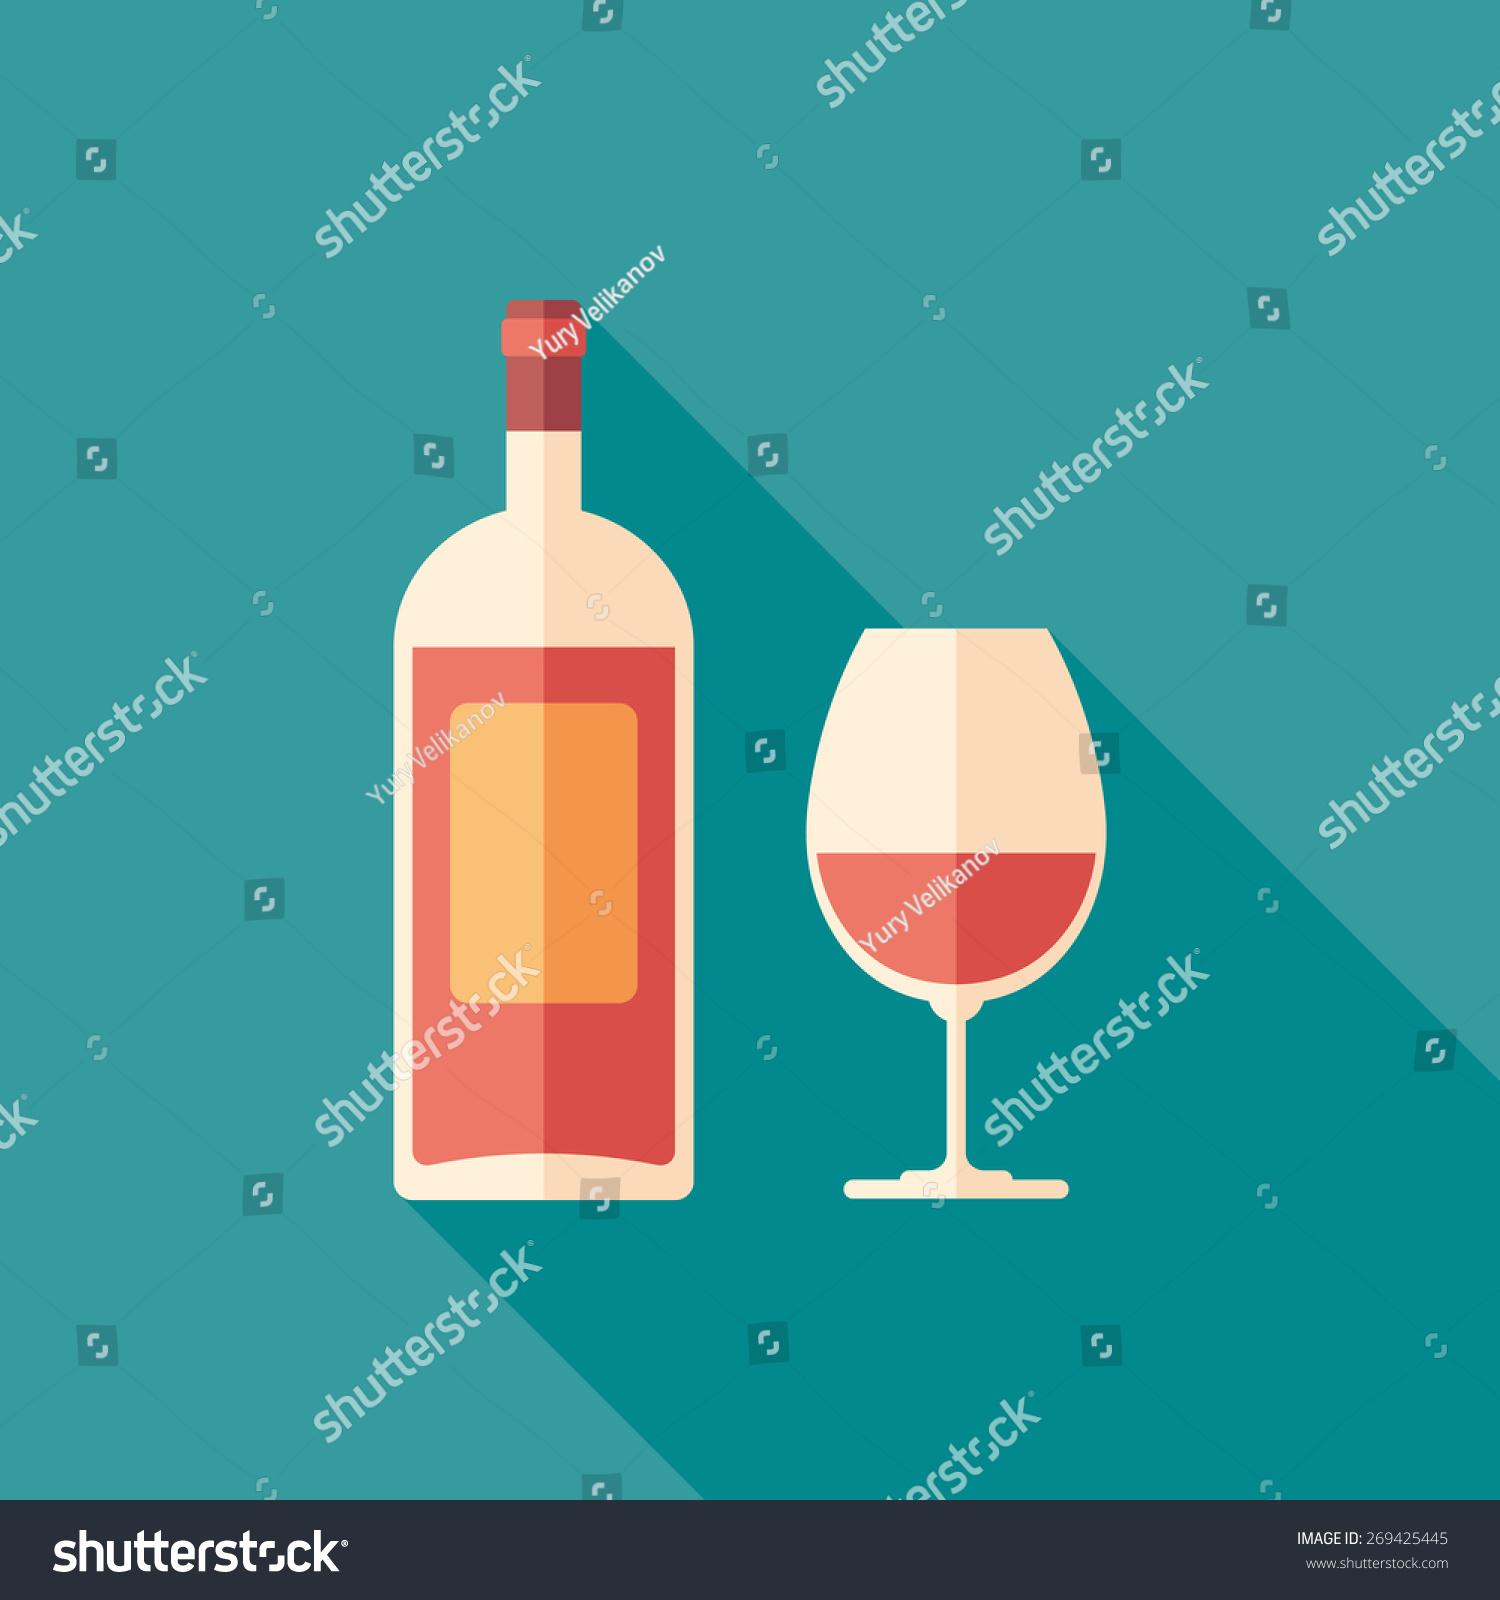 酒瓶和葡萄酒的玻璃平面正方形图标有长长的影子.-及